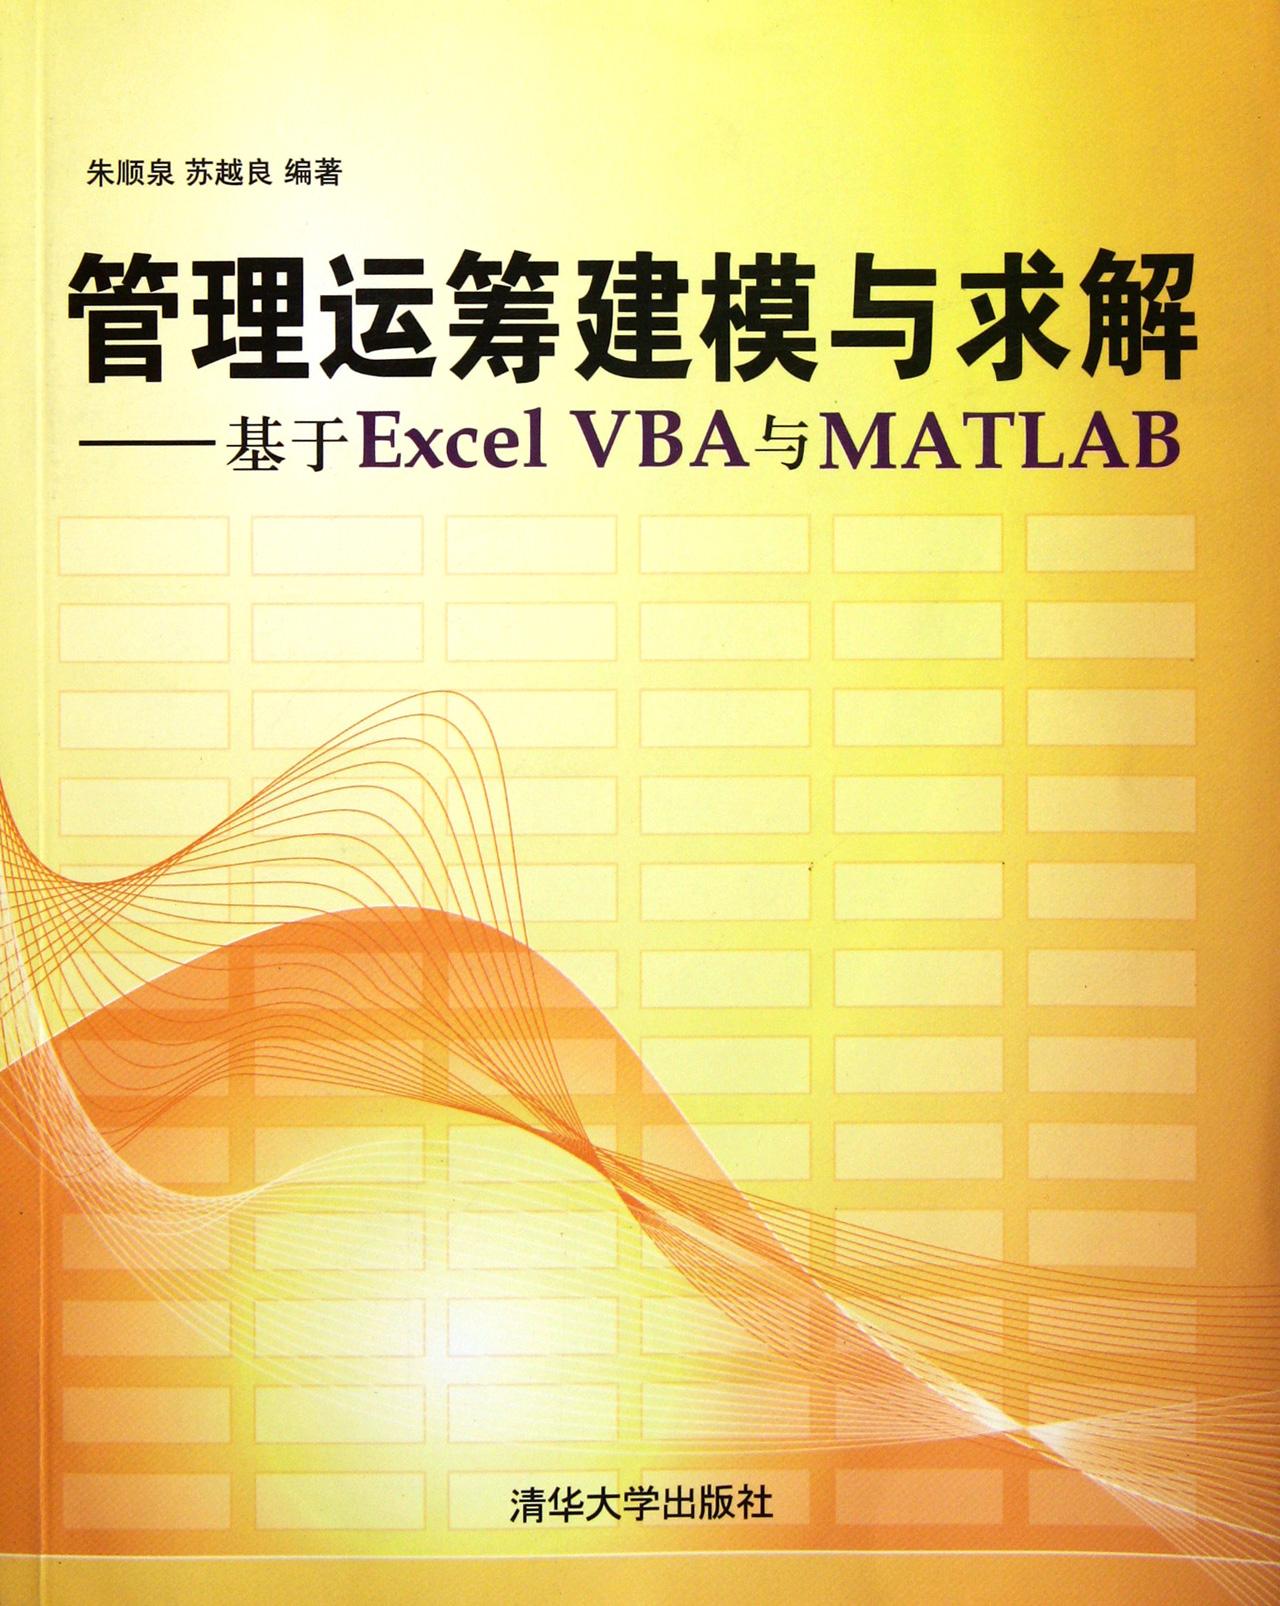 第1章 管理运筹学及其计算机工具简介 1.1 管理运筹学的含义与特点 1.2 本书讨论的主要内容 1.3 Excel VBA宏录制使用简介 1.4 MATLAB使用简介 1.4.1 MATLAB R2007a界面和菜单简介 1.4.2 MATLAB R2007a基本编程方法 习题 第2章 线性规划单纯形方法、求解与灵敏度分析 2.1 线性规划问题及其数学模型 2.